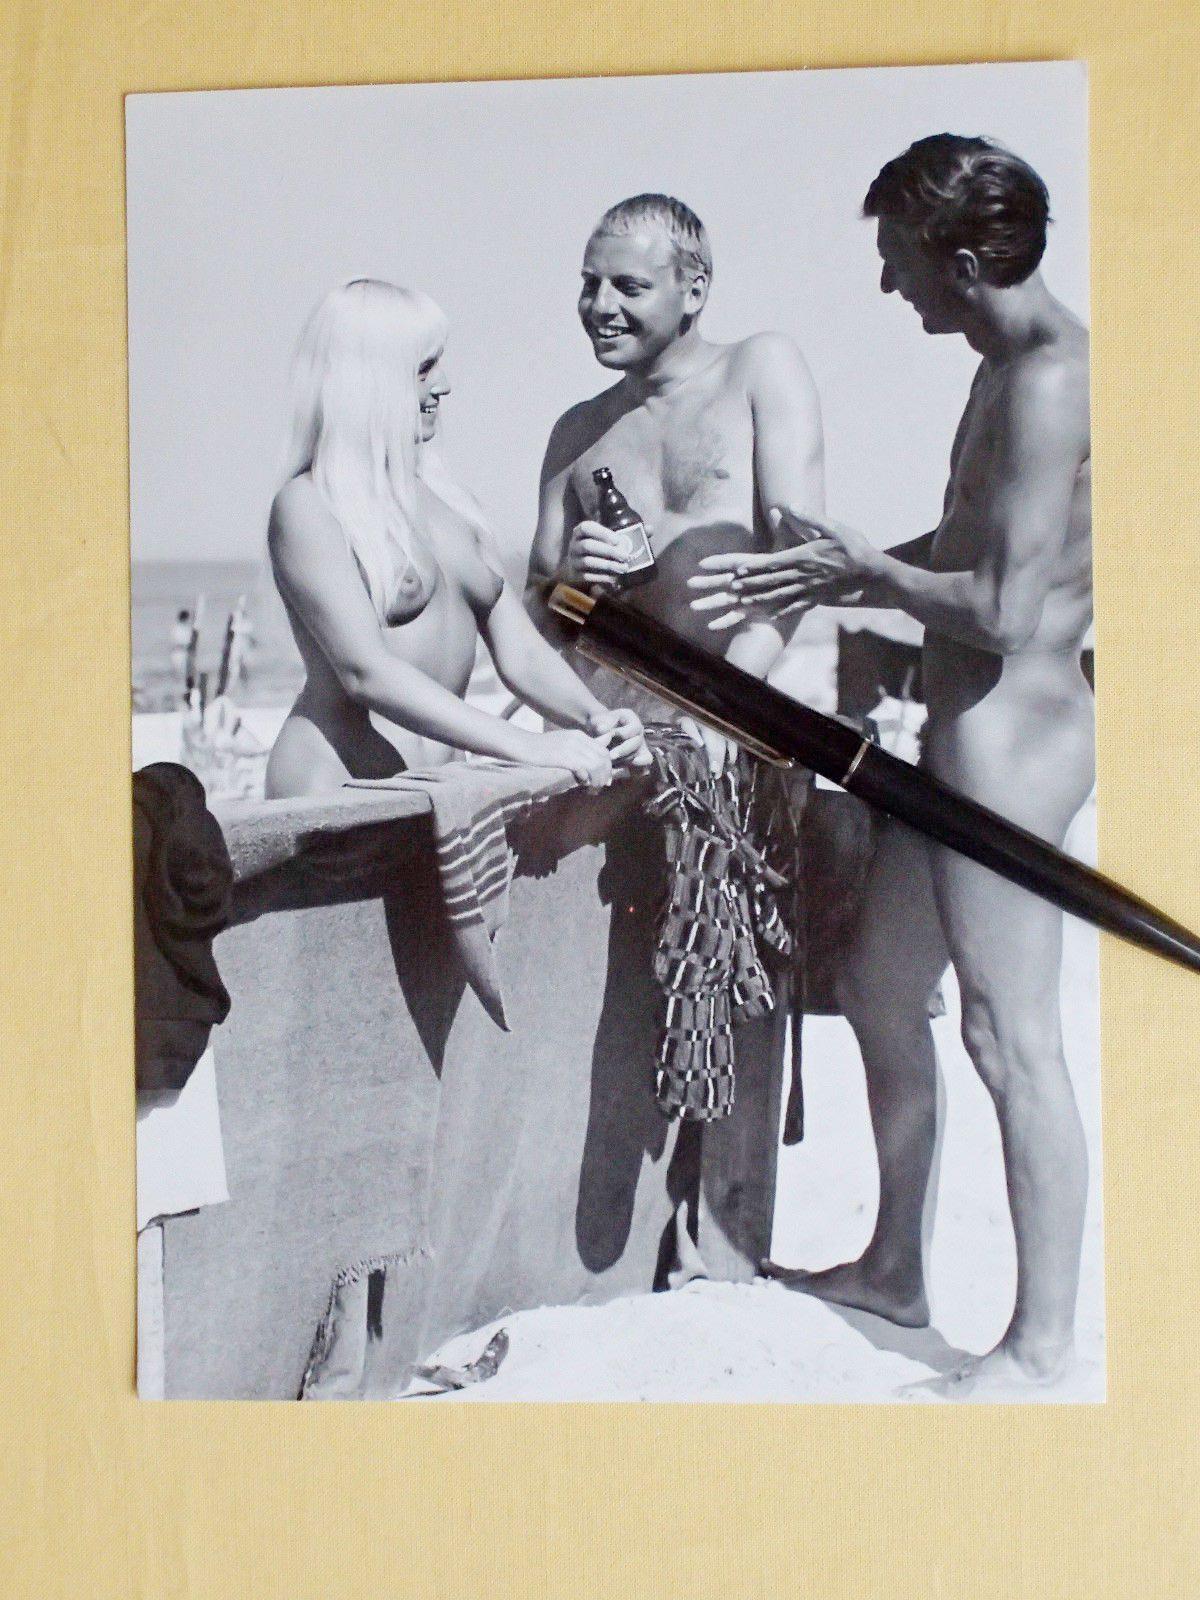 dostliev black pen 15 - <b>36 аматорських фотографій чорної ручки.</b> Андрій Достлєв — в «Рівні цензури» - Заборона